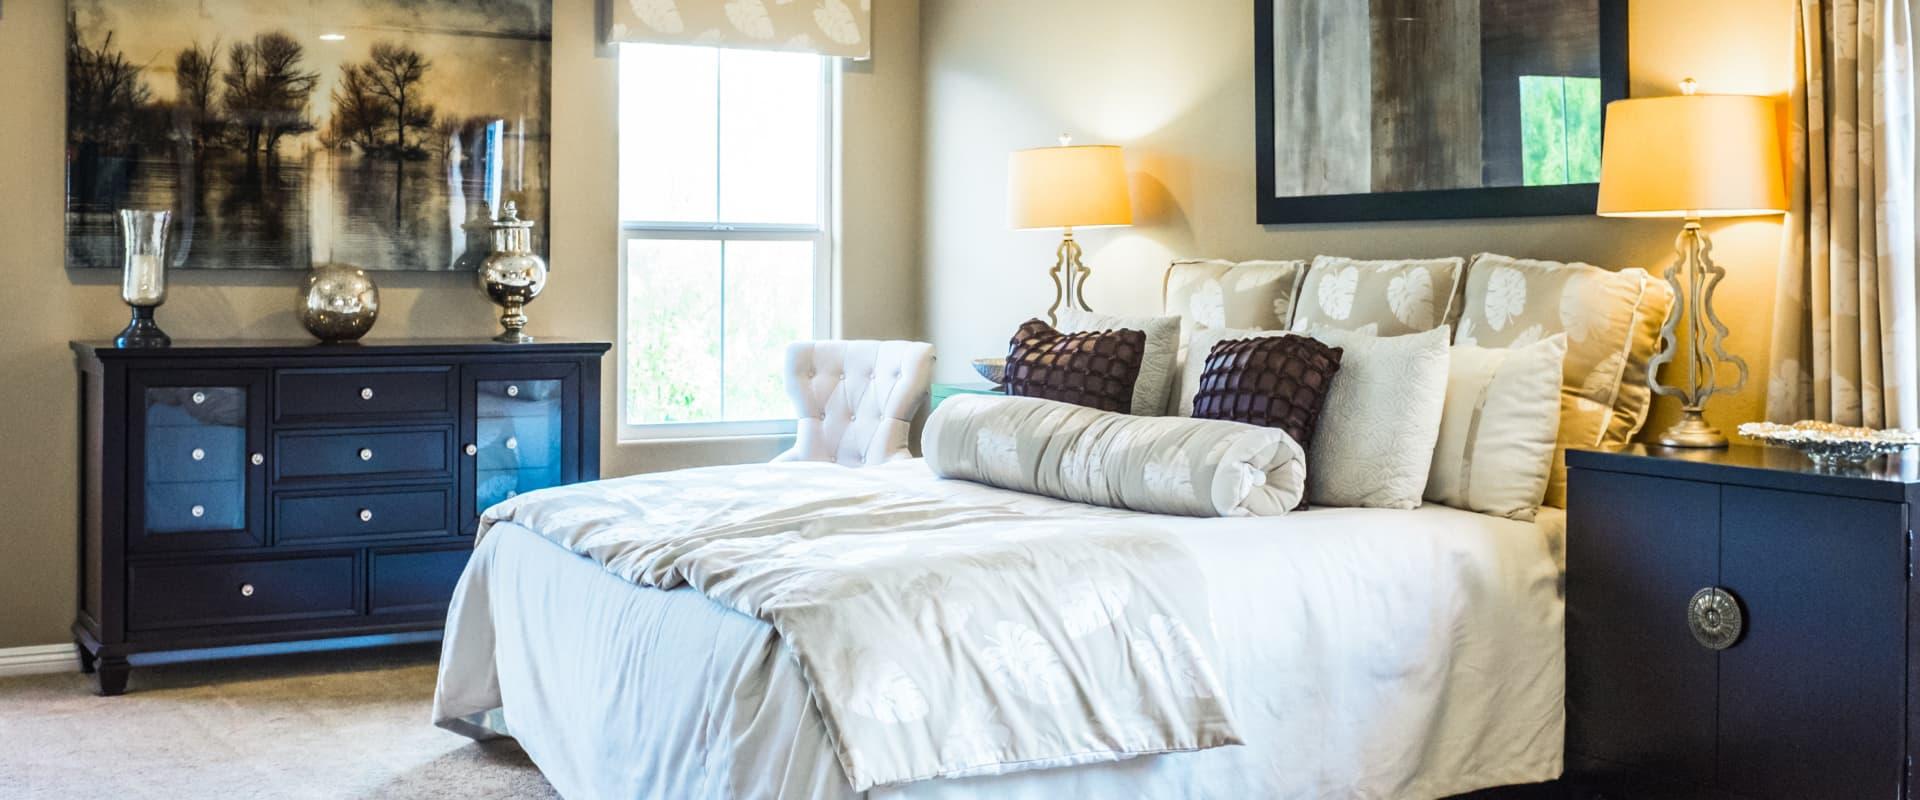 custom beds benefits